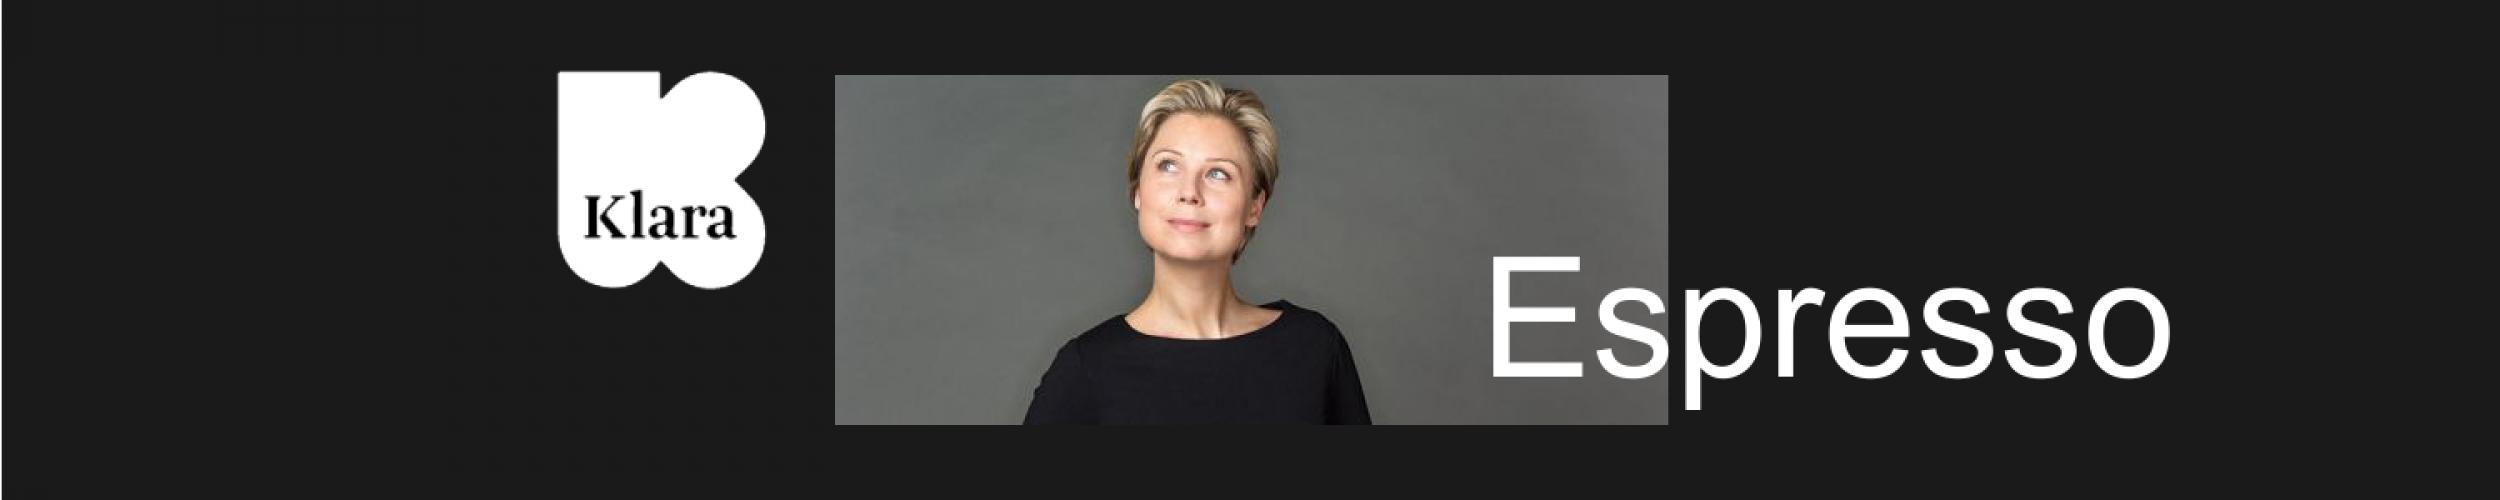 Klara documentaire over Oostende Klank en Beeldstudio Vanden Bussche vermeld in Klara reportage